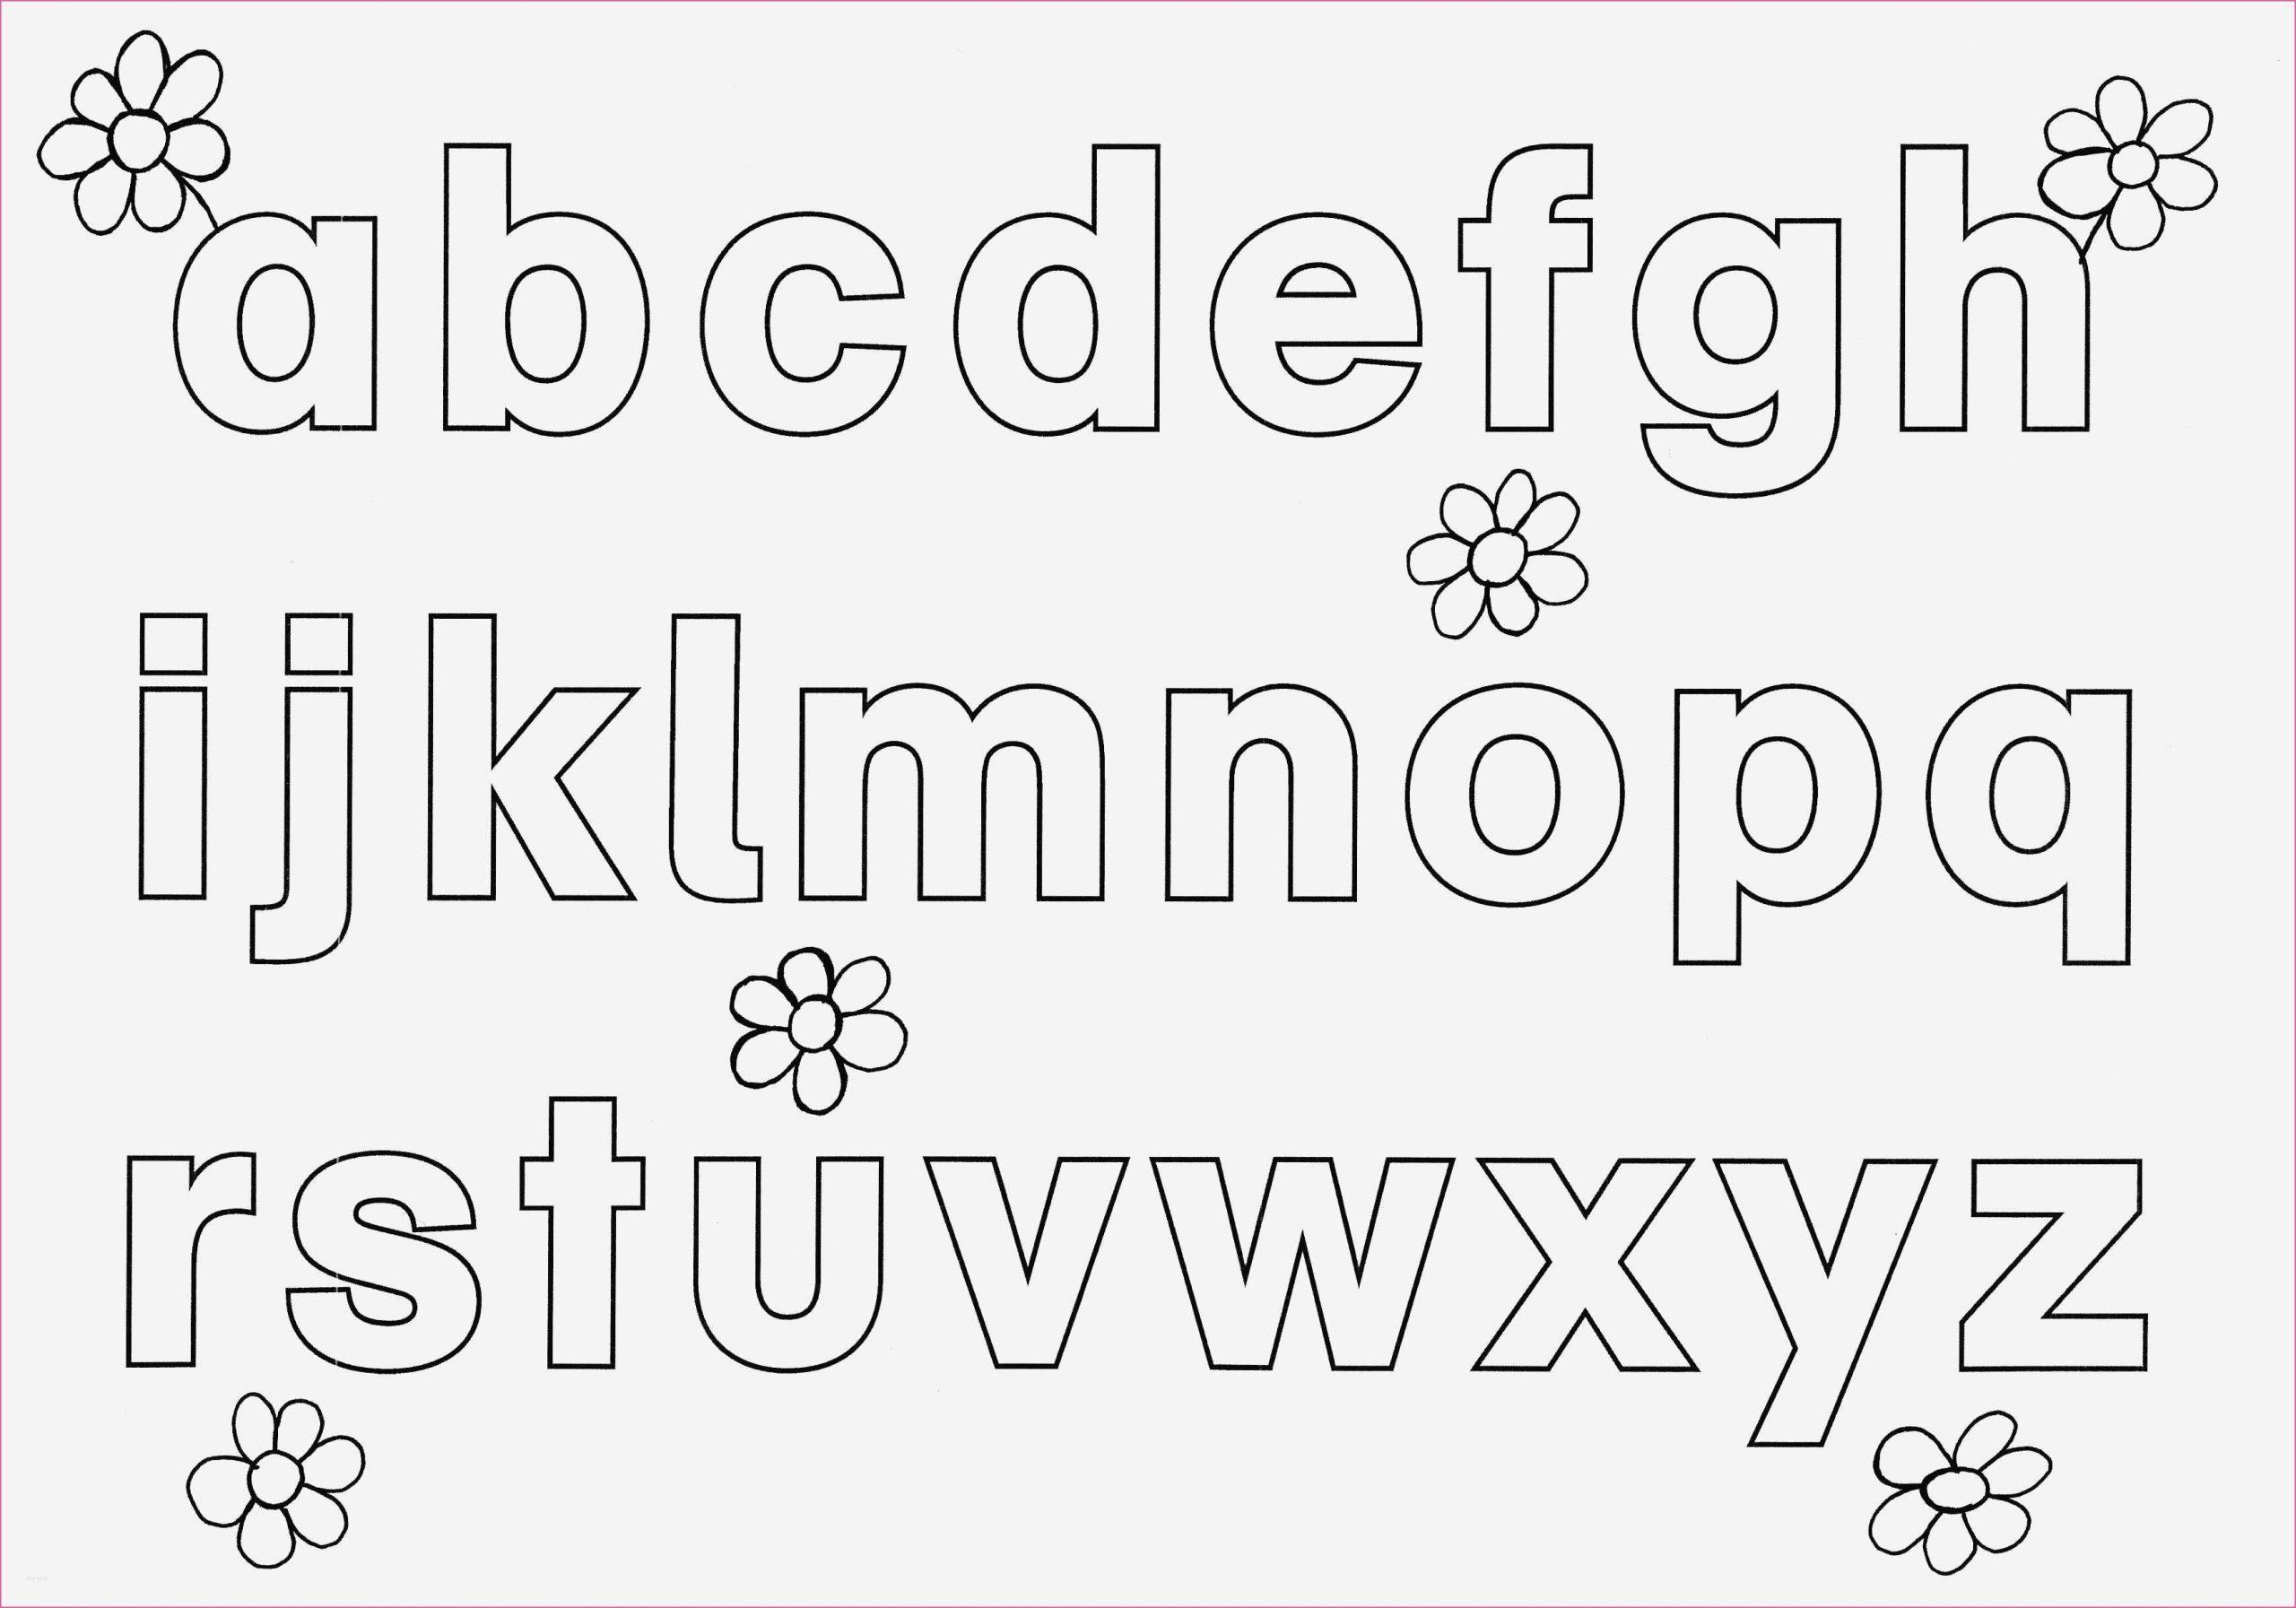 Ausdrucken #fein #ornamente #schablonen #zum Schablonen Zum bei Buchstaben Schablonen Zum Ausdrucken